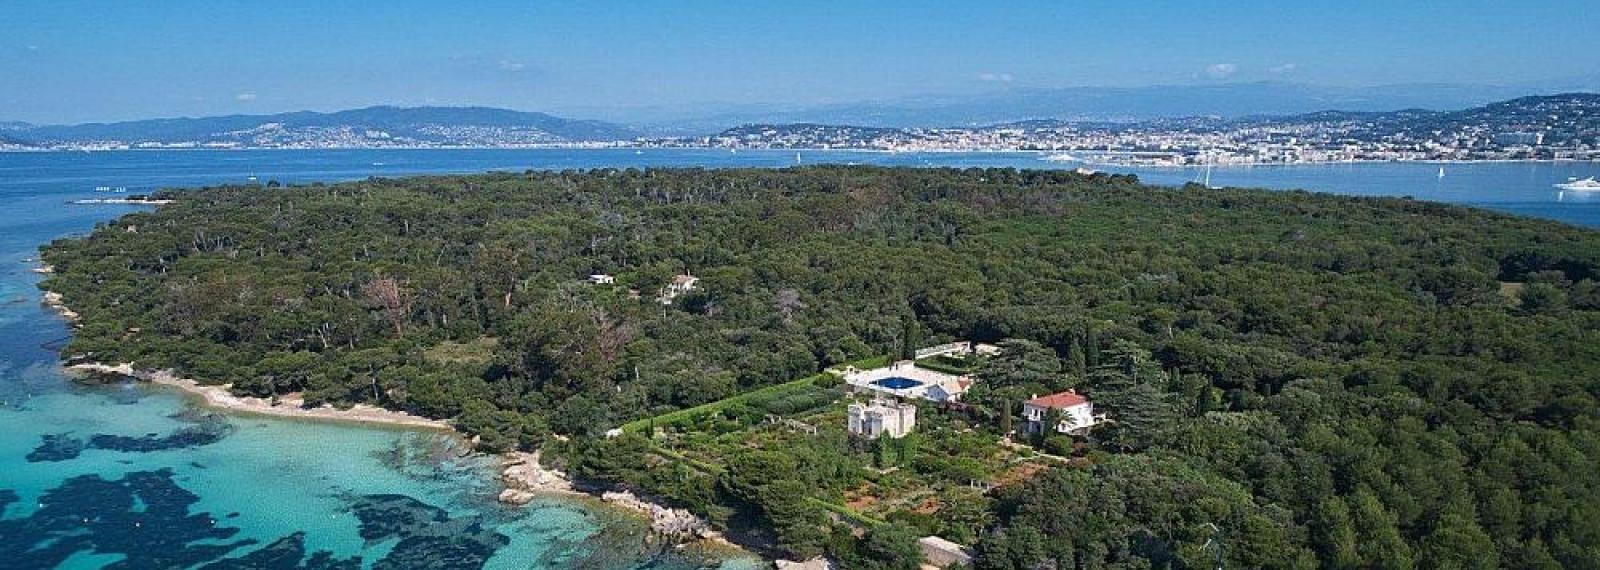 Le Grand Jardin - Private Estate